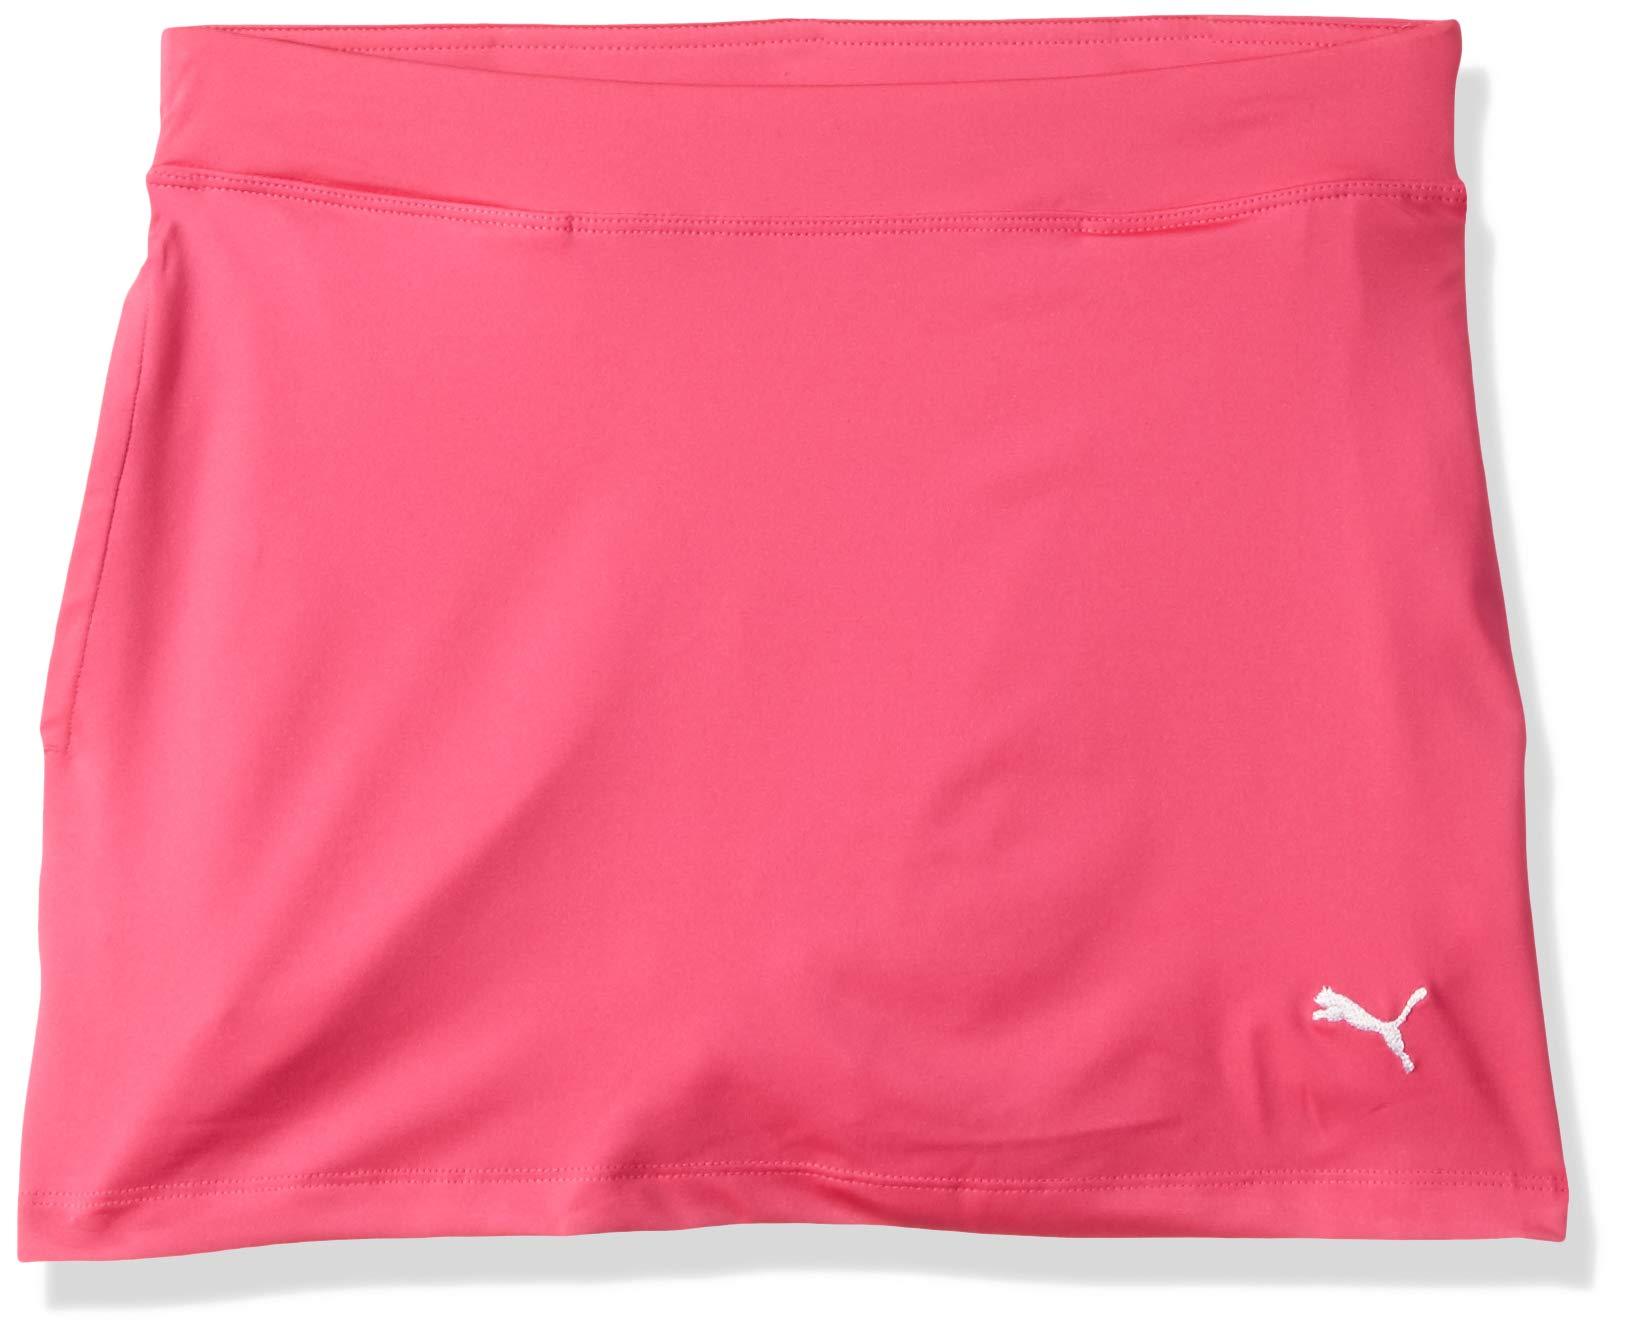 Puma Golf Girls 2019 Solid Knit Skirt, Fuchsia Purple, x Small by PUMA